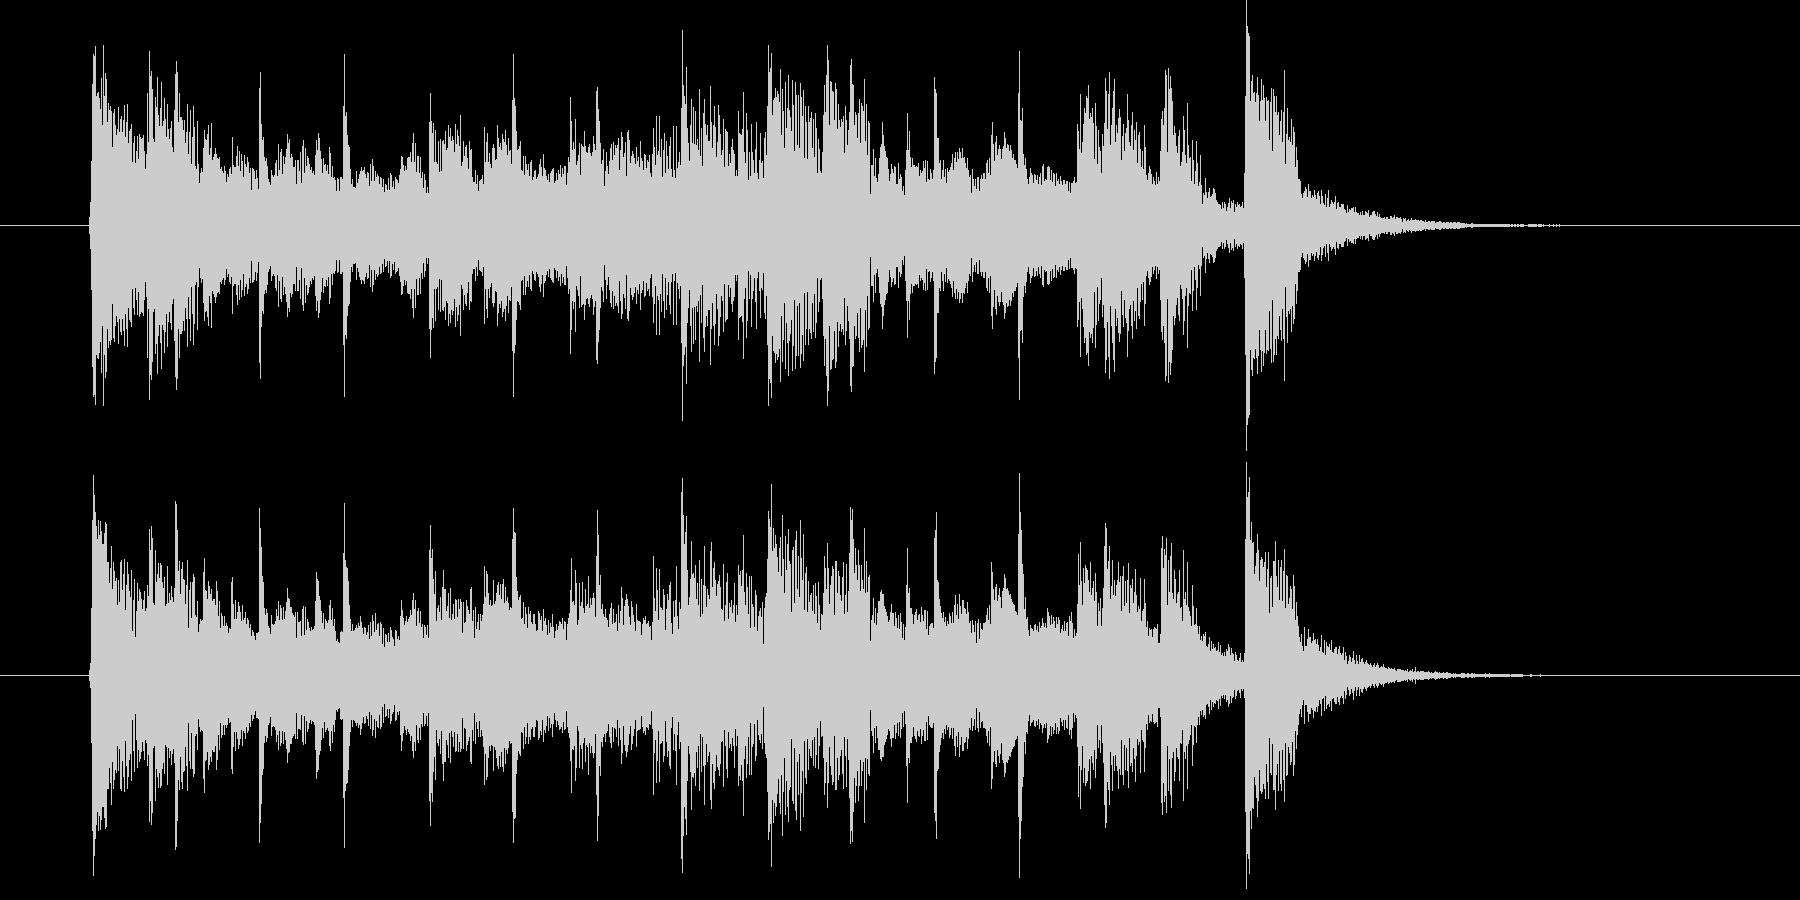 エレクトリックピアノの軽快なポップスの未再生の波形